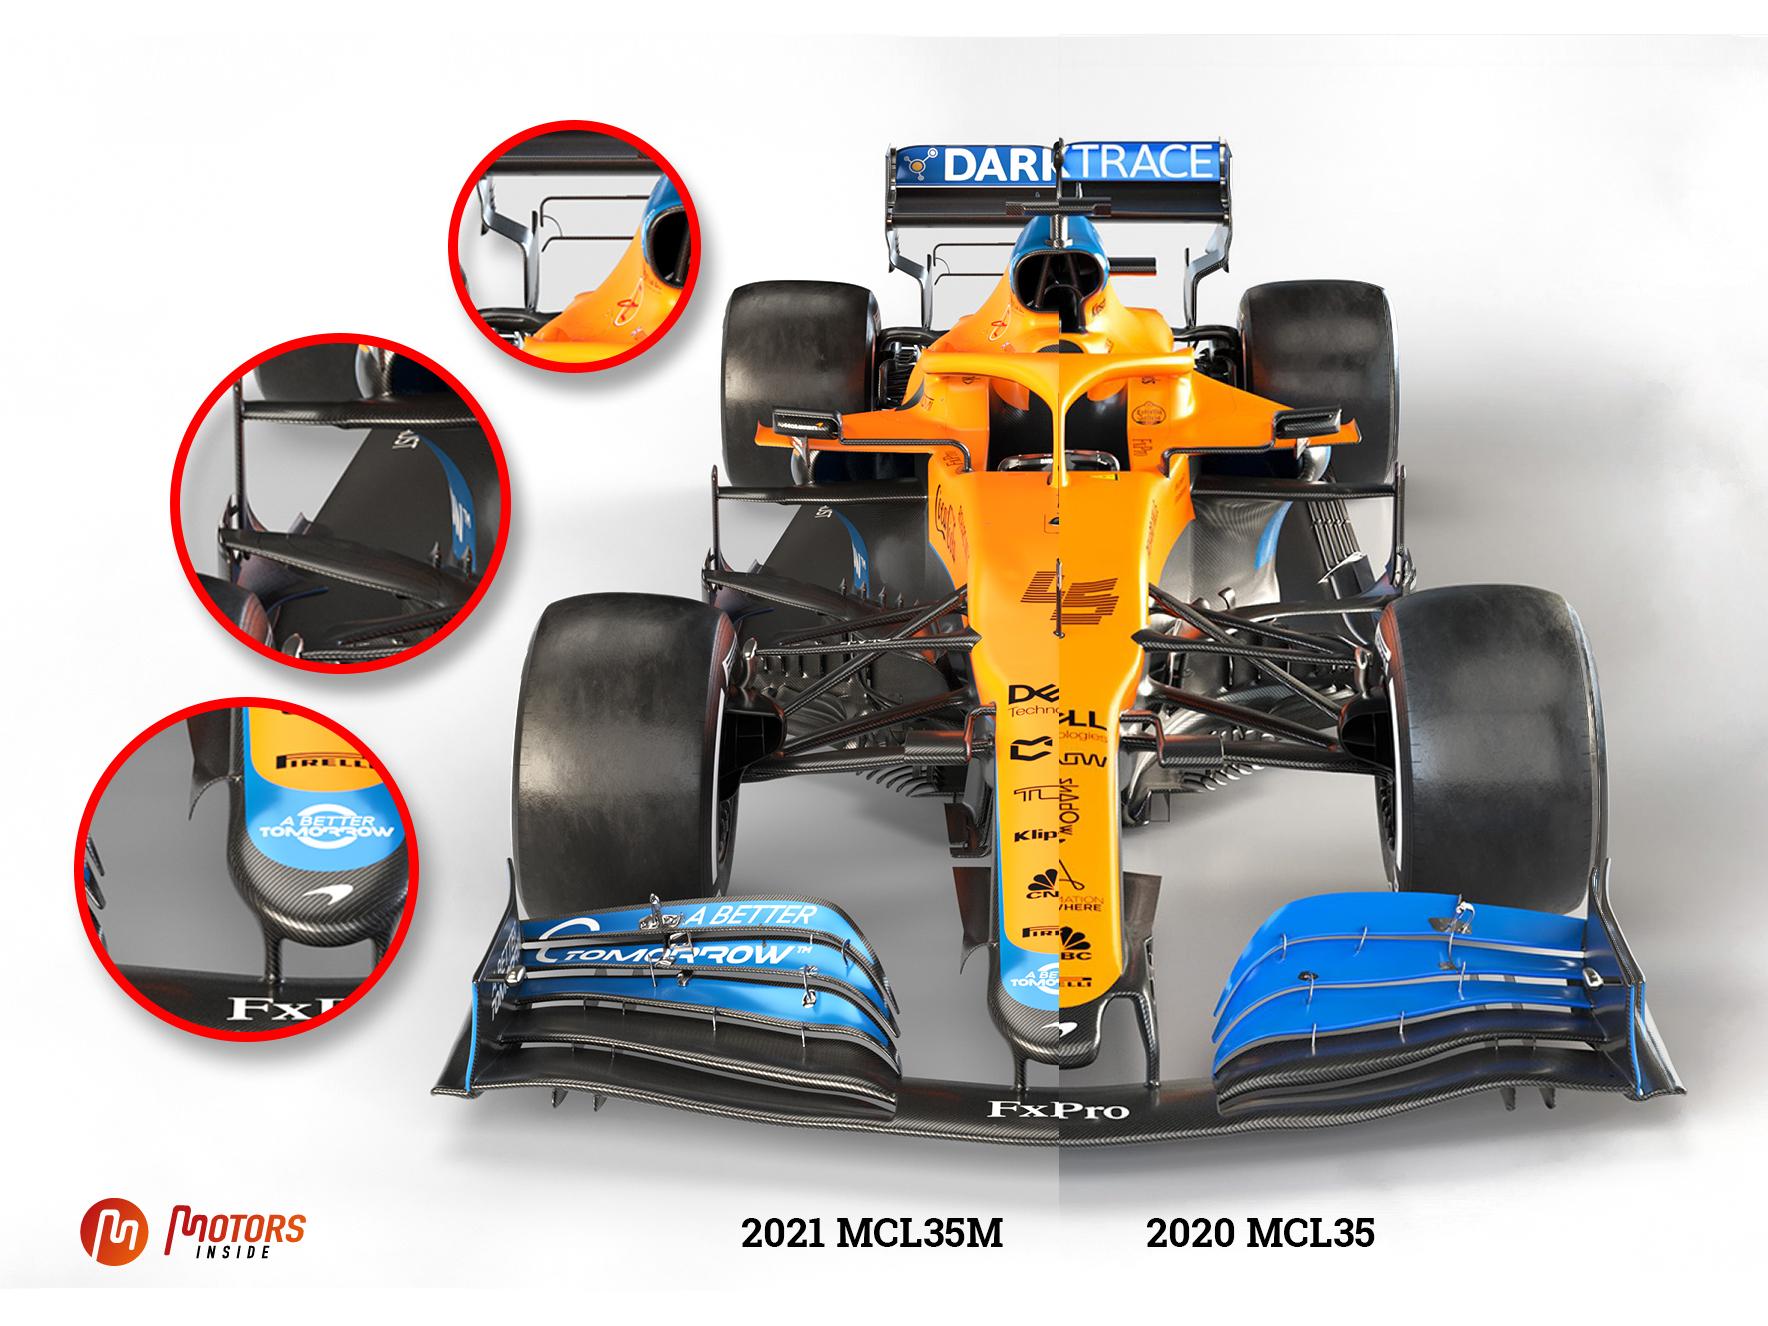 Comparaison de l'avant des McLaren MCL35M de 2021 et MCL35 de 2020